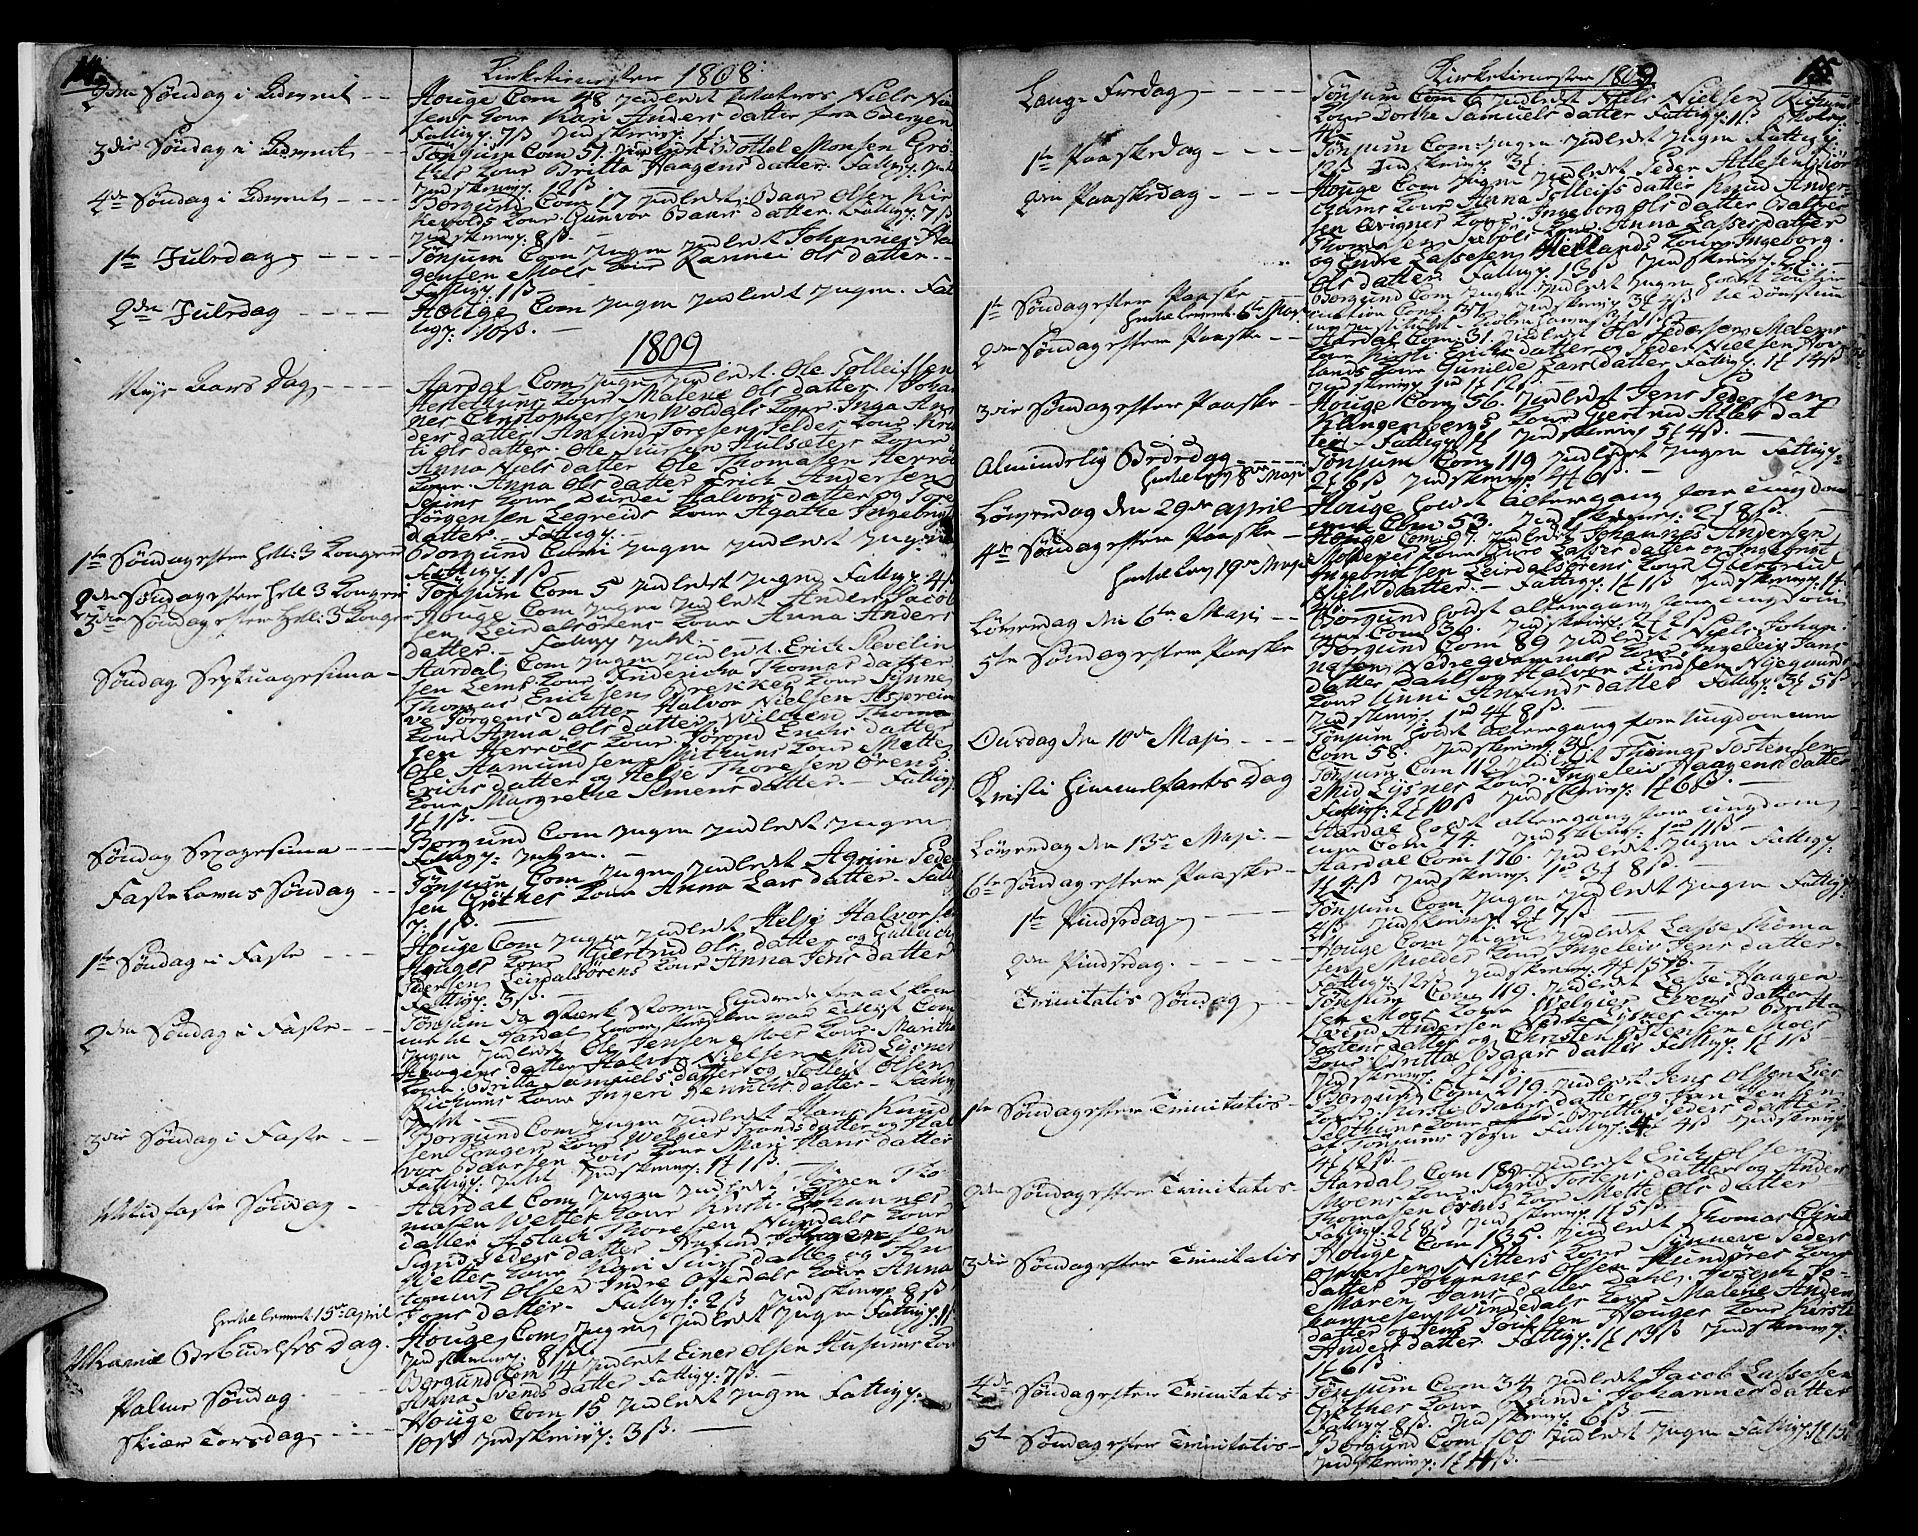 SAB, Lærdal sokneprestembete, Ministerialbok nr. A 4, 1805-1821, s. 14-15